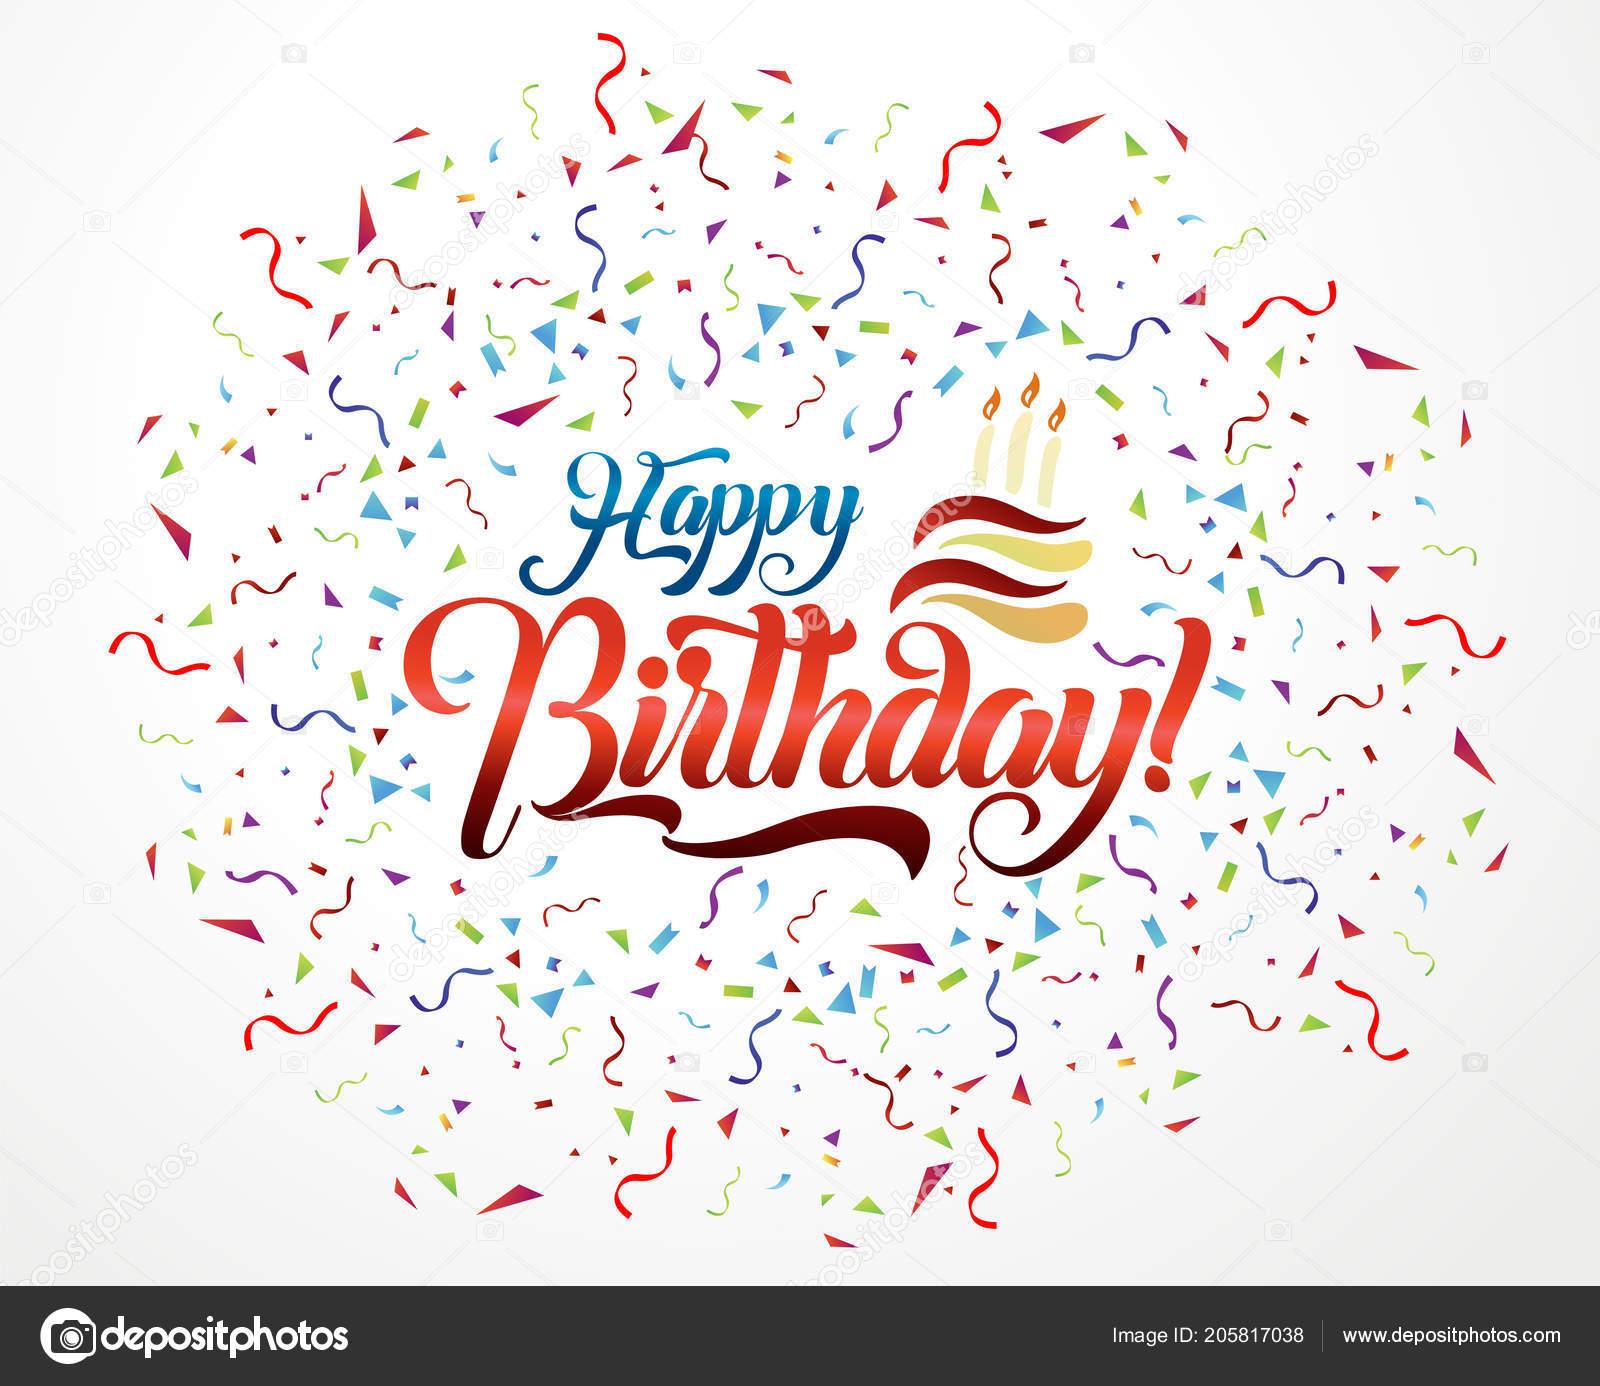 Buon Compleanno Lettering Testo Illustrazione Vettore Disegno Della